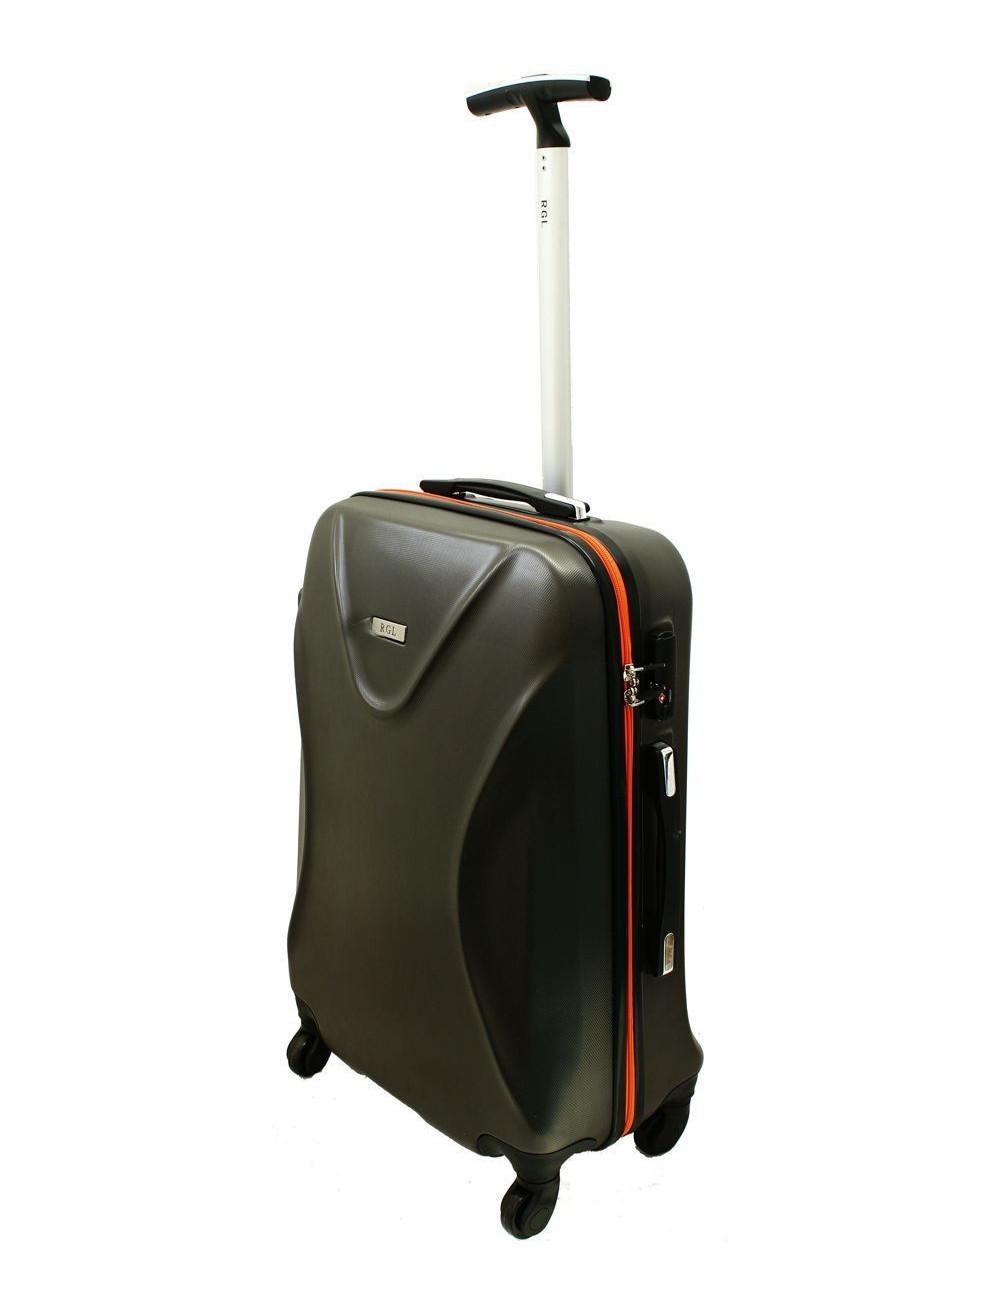 Duża walizka podróżna na kółkach 750 XXL Zamek TSA - grafitowo-pomarańczowa